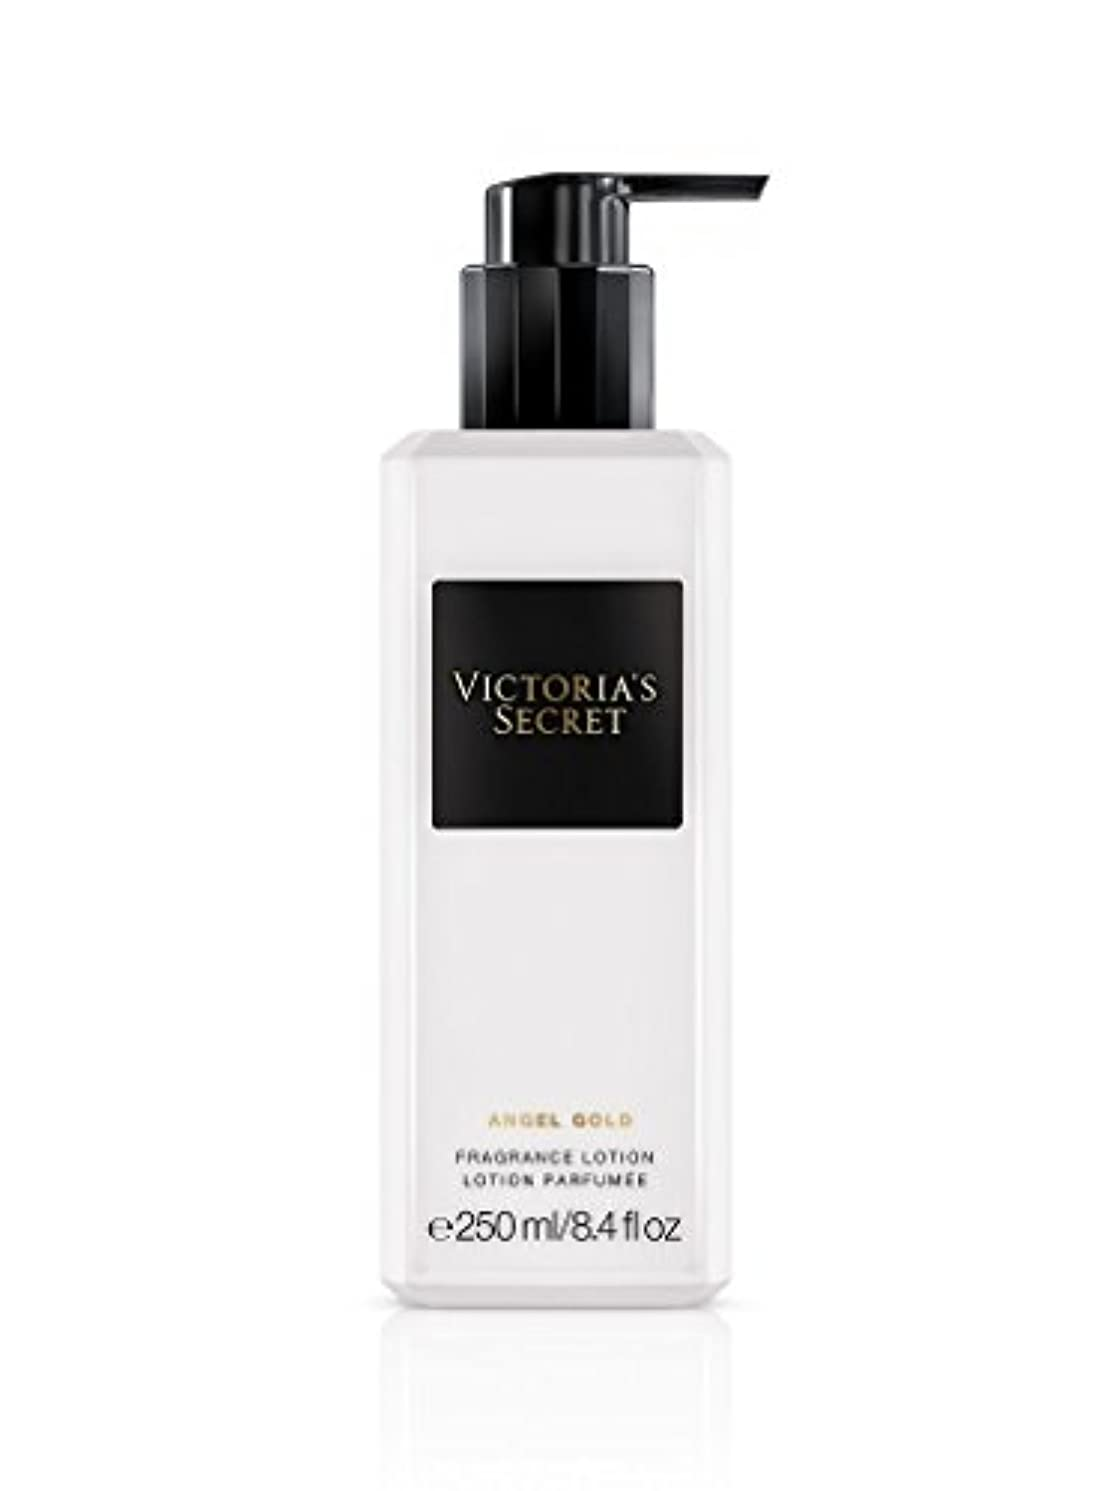 VICTORIA'S SECRET ヴィクトリアシークレット/ビクトリアシークレット エンジェルゴールド フレグランスローション / Angel Gold Fragrance Lotion [並行輸入品]